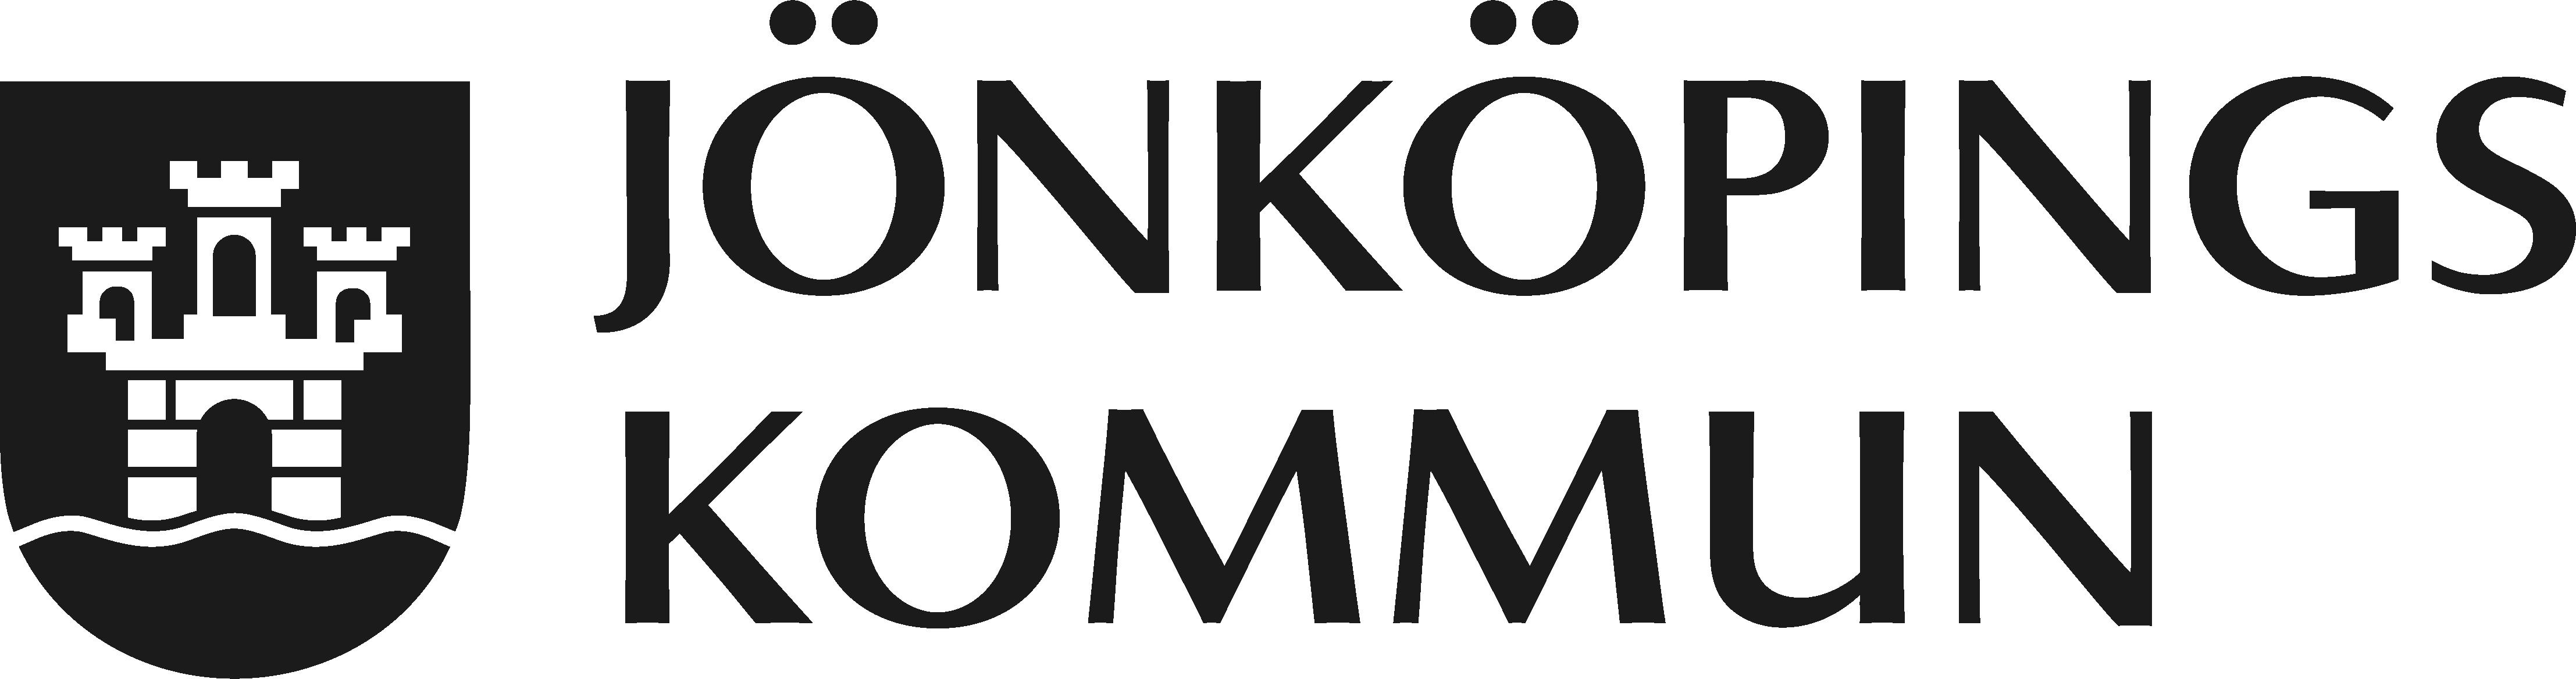 utbildning jönköping yrkesutbildning